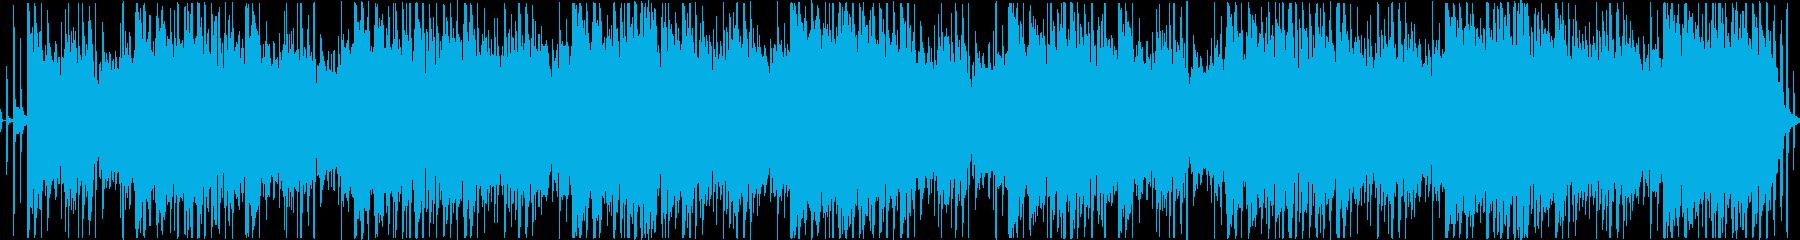 ベースリフが主役のダークなループの再生済みの波形